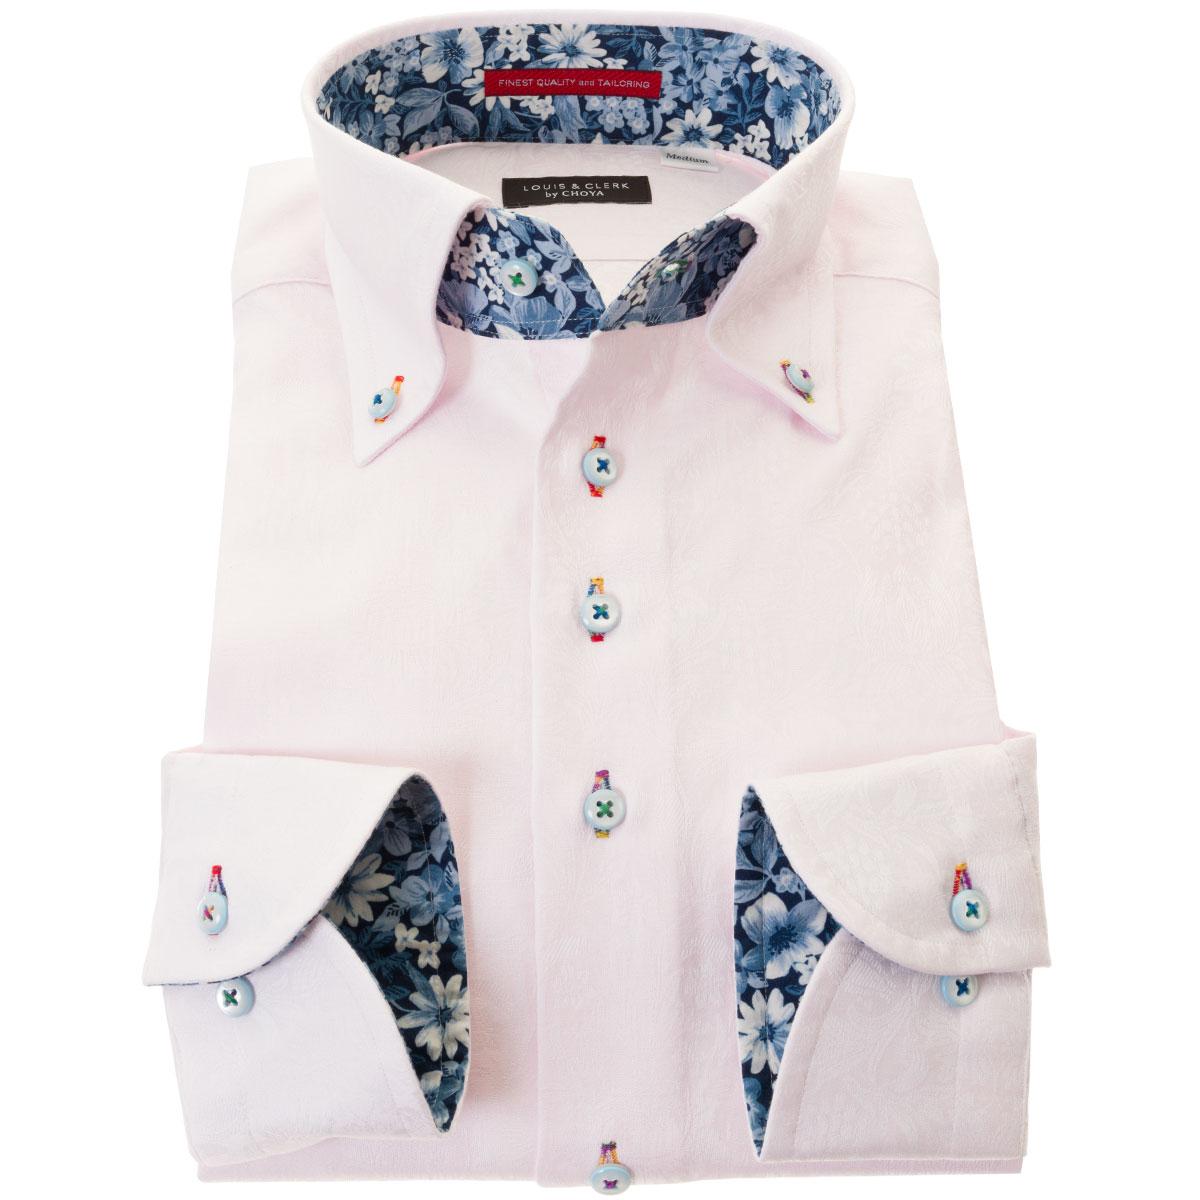 ドレスシャツ ワイシャツ シャツ メンズ 国産 長袖 綿100% 胸ポケット無 コンフォート ボタンダウン ライトピンク ジャガード織柄 ボタニカル 花柄 総柄